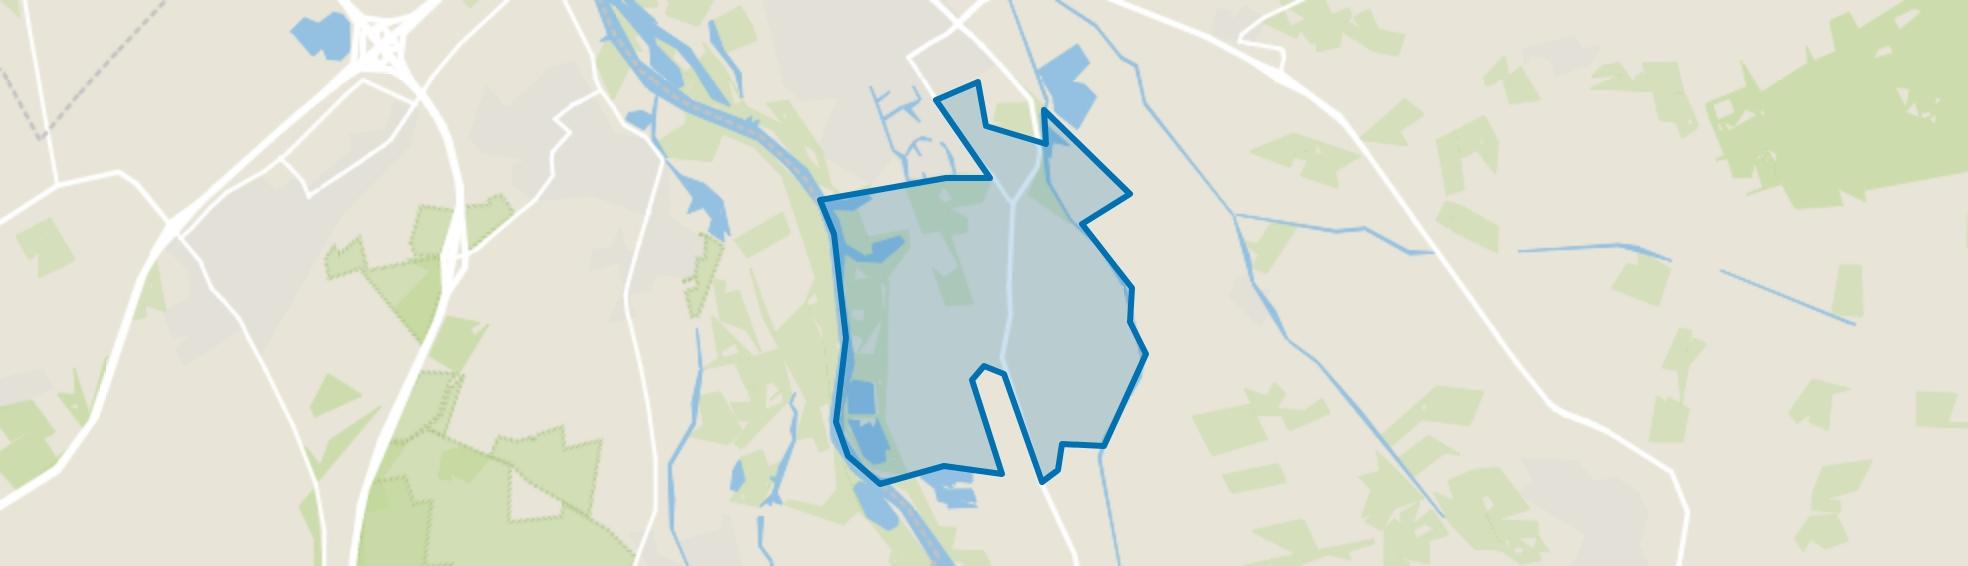 Harculo en Hoog-Zuthem, Zwolle map